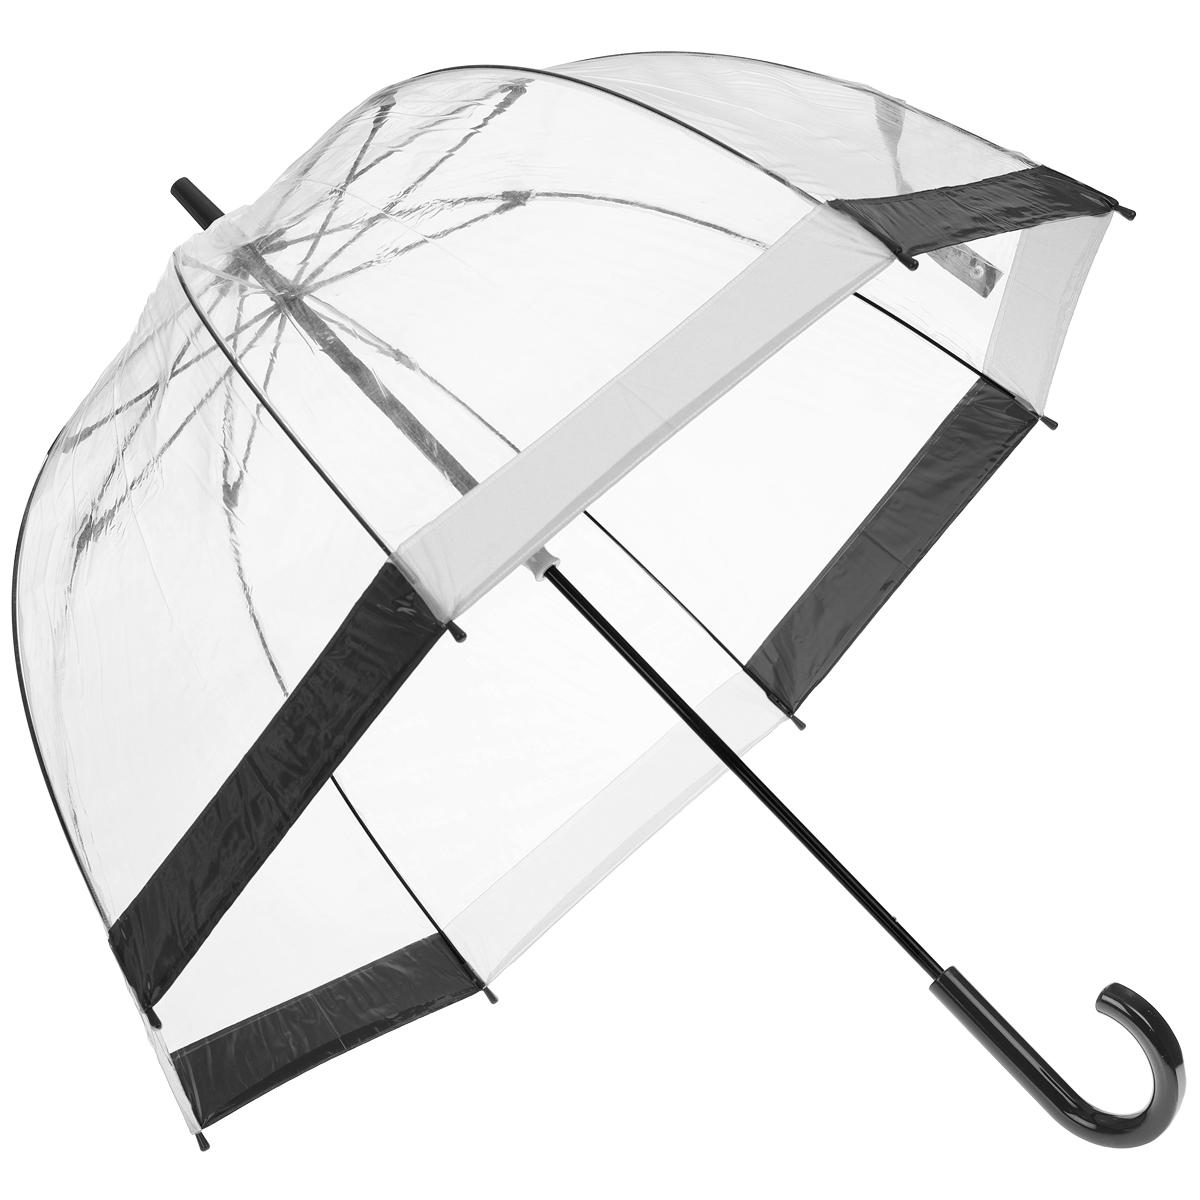 Зонт-трость женский Bird cage, механический, цвет: прозрачный. L041 1F090L041 1F090Стильный куполообразный зонт-трость Bird cage, защищающий голову и плечи, даже в ненастную погоду позволит вам оставаться элегантной. Каркас зонта выполнен из 8 спиц из фибергласса, стержень изготовлен из стали. Купол зонта выполнен из прозрачного ПВХ. Рукоятка закругленной формы разработана с учетом требований эргономики и изготовлена из пластика. Зонт имеет механический тип сложения: купол открывается и закрывается вручную до характерного щелчка. Такой зонт не только надежно защитит вас от дождя, но и станет стильным аксессуаром.